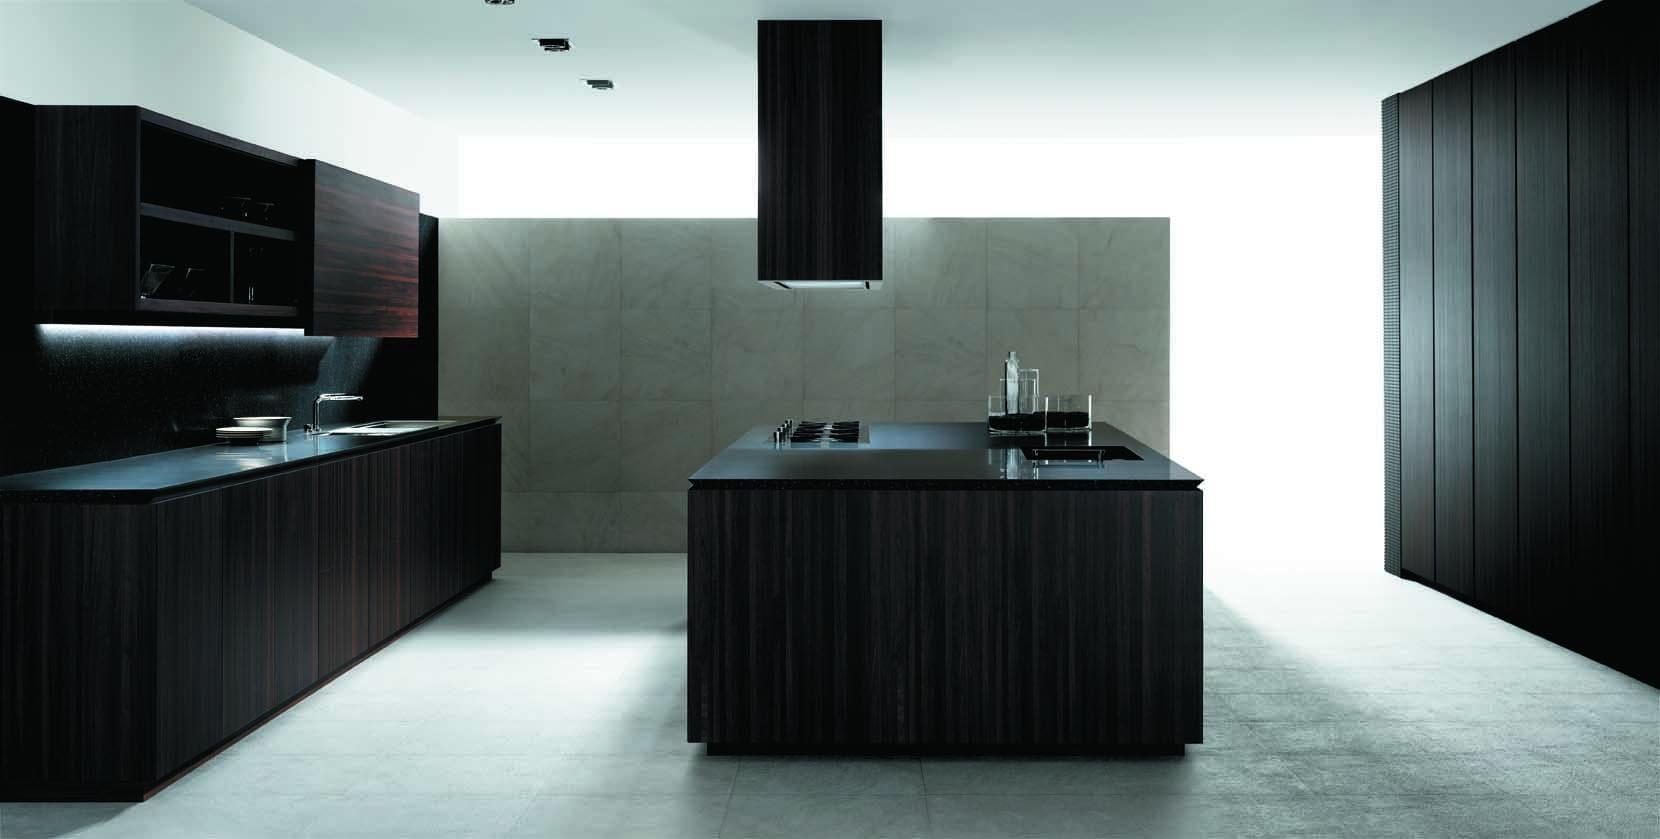 schwarze küche mit kochinsel aus holz mit küchenarbeitsplatte schwarz und dunstabzugshaube schwarz